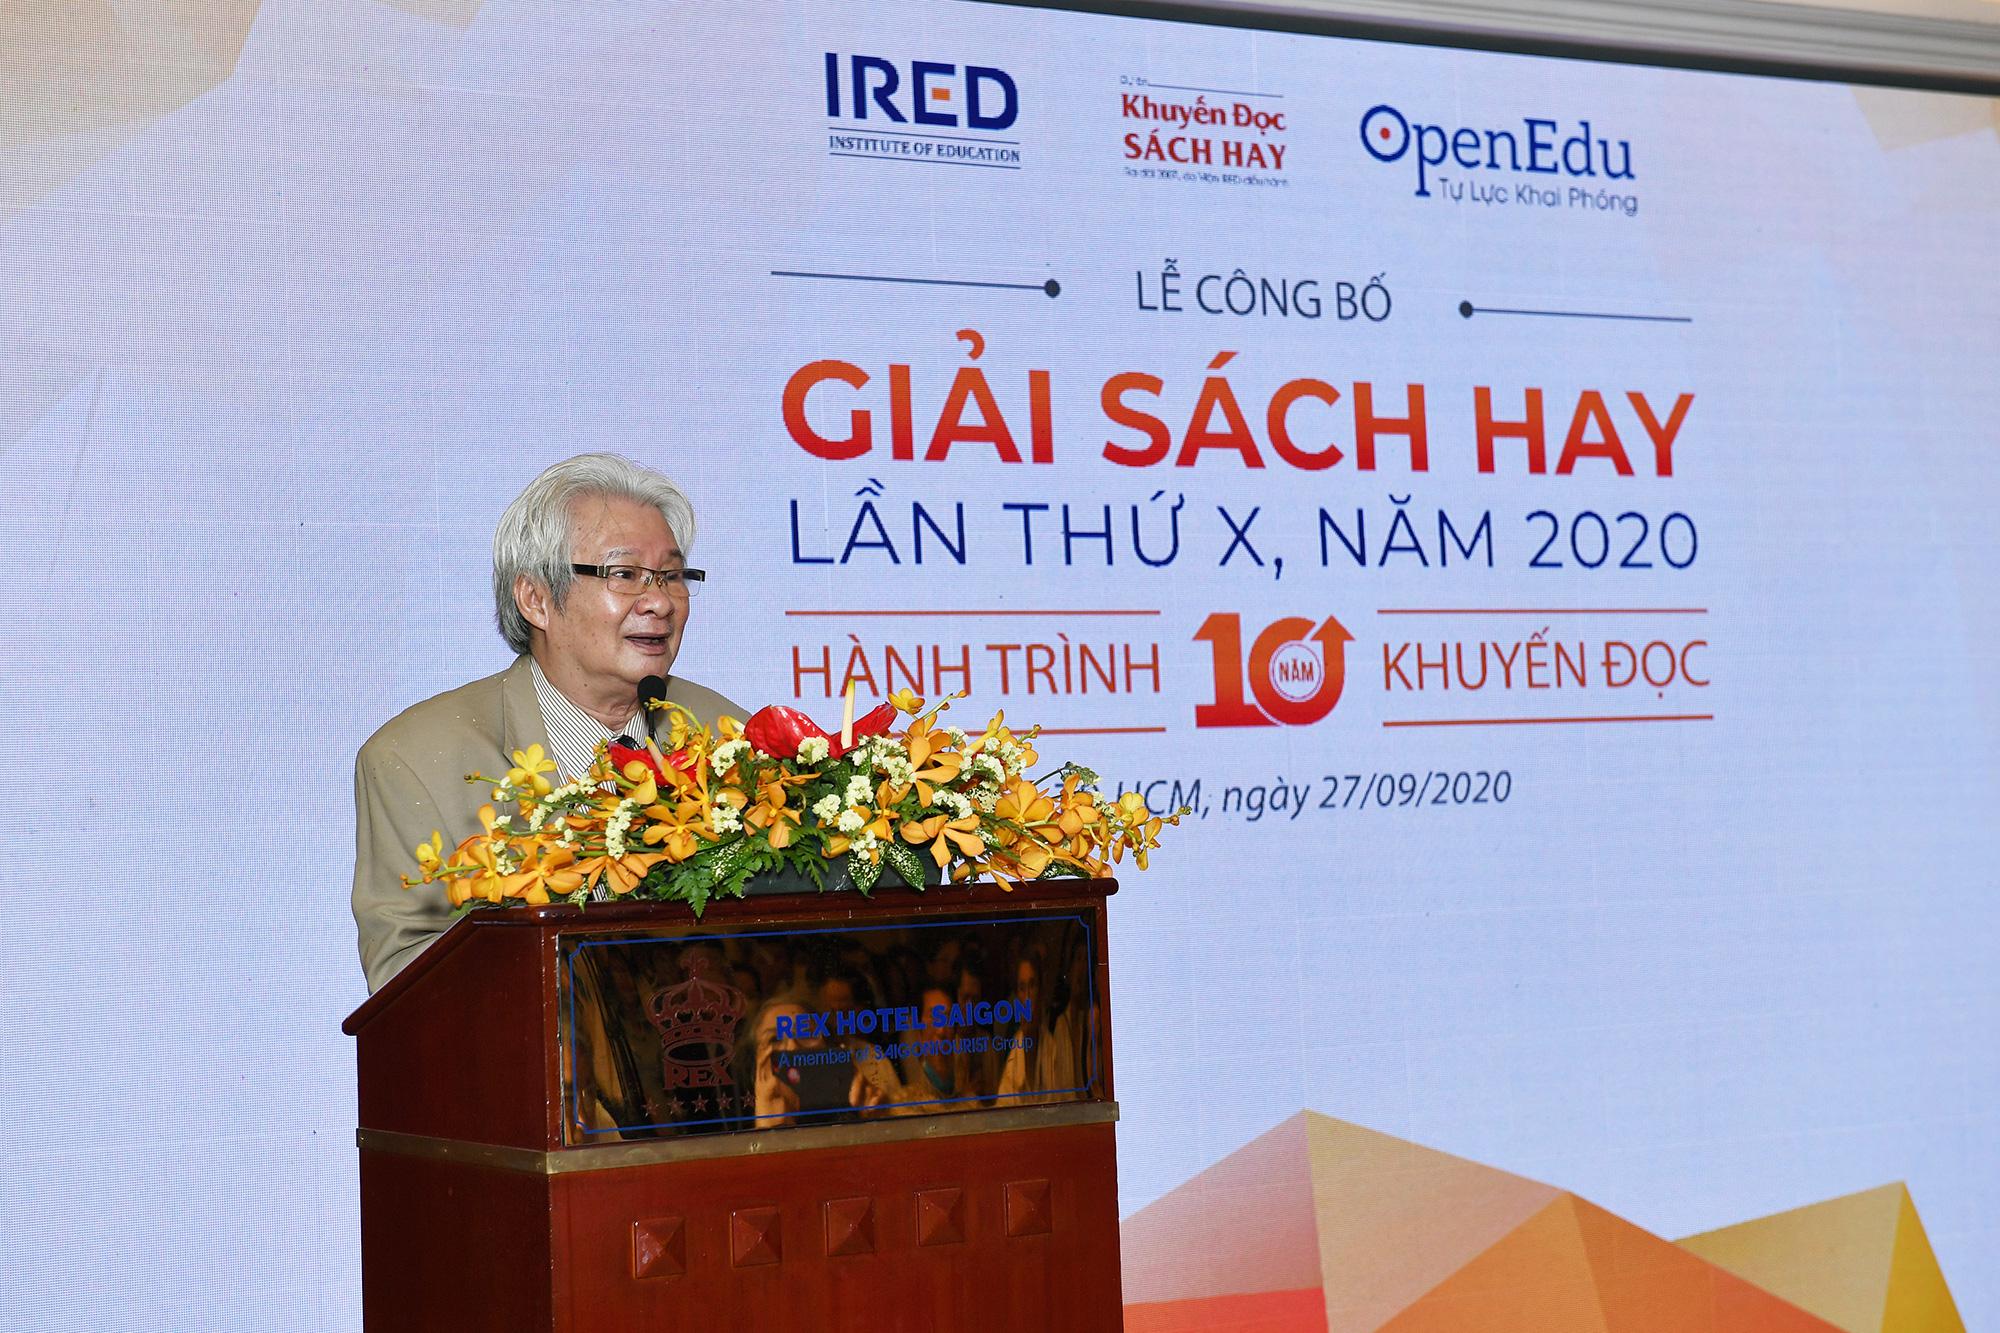 Nhà văn Trần Thùy Mai nhận giải Sách hay 2020 với bộ sách Từ Dụ Thái Hậu  - Ảnh 5.